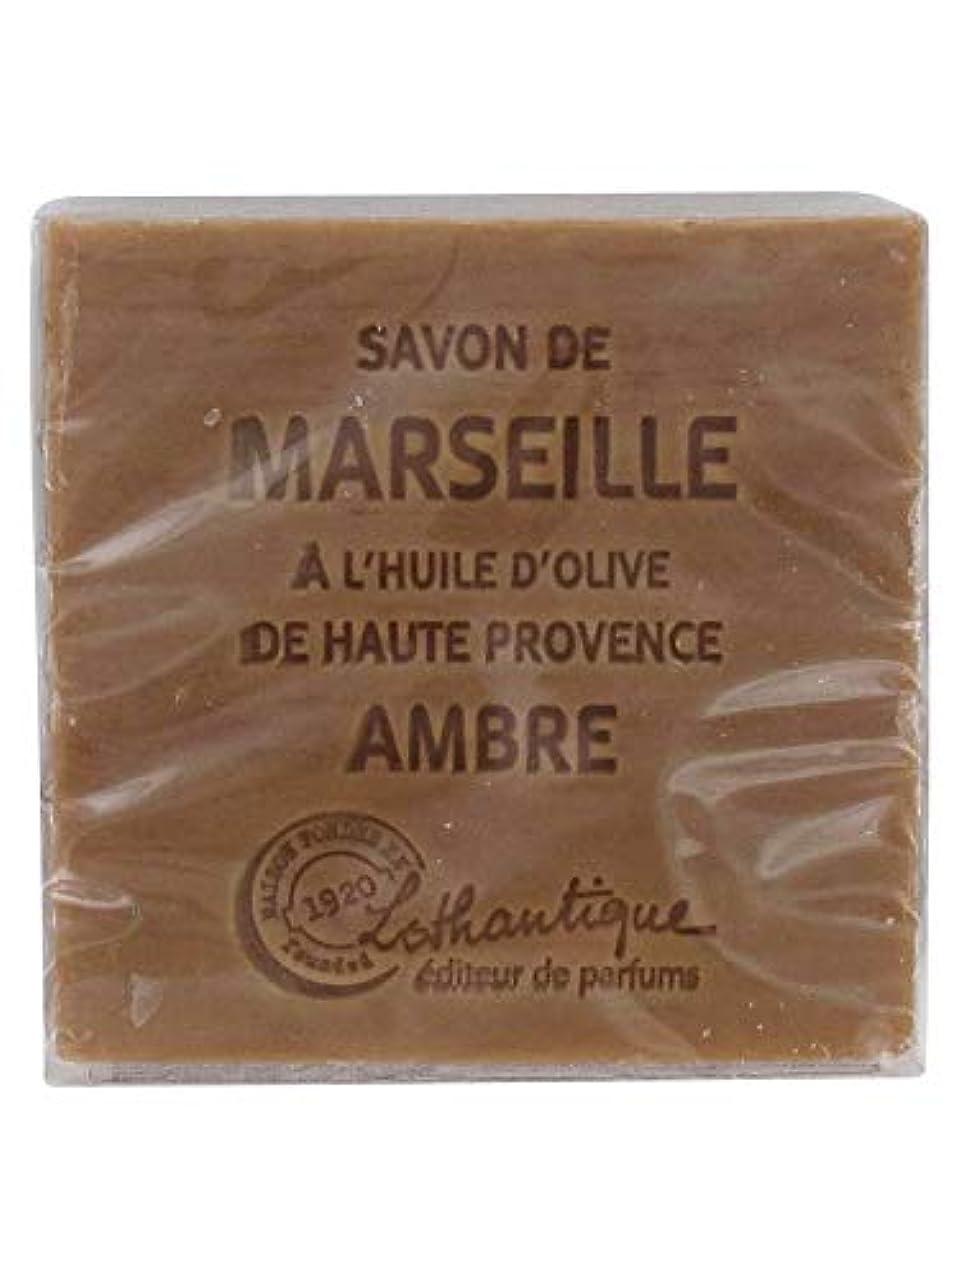 ビバシンカン三番Lothantique(ロタンティック) Les savons de Marseille(マルセイユソープ) マルセイユソープ 100g 「アンバー」 3420070038012